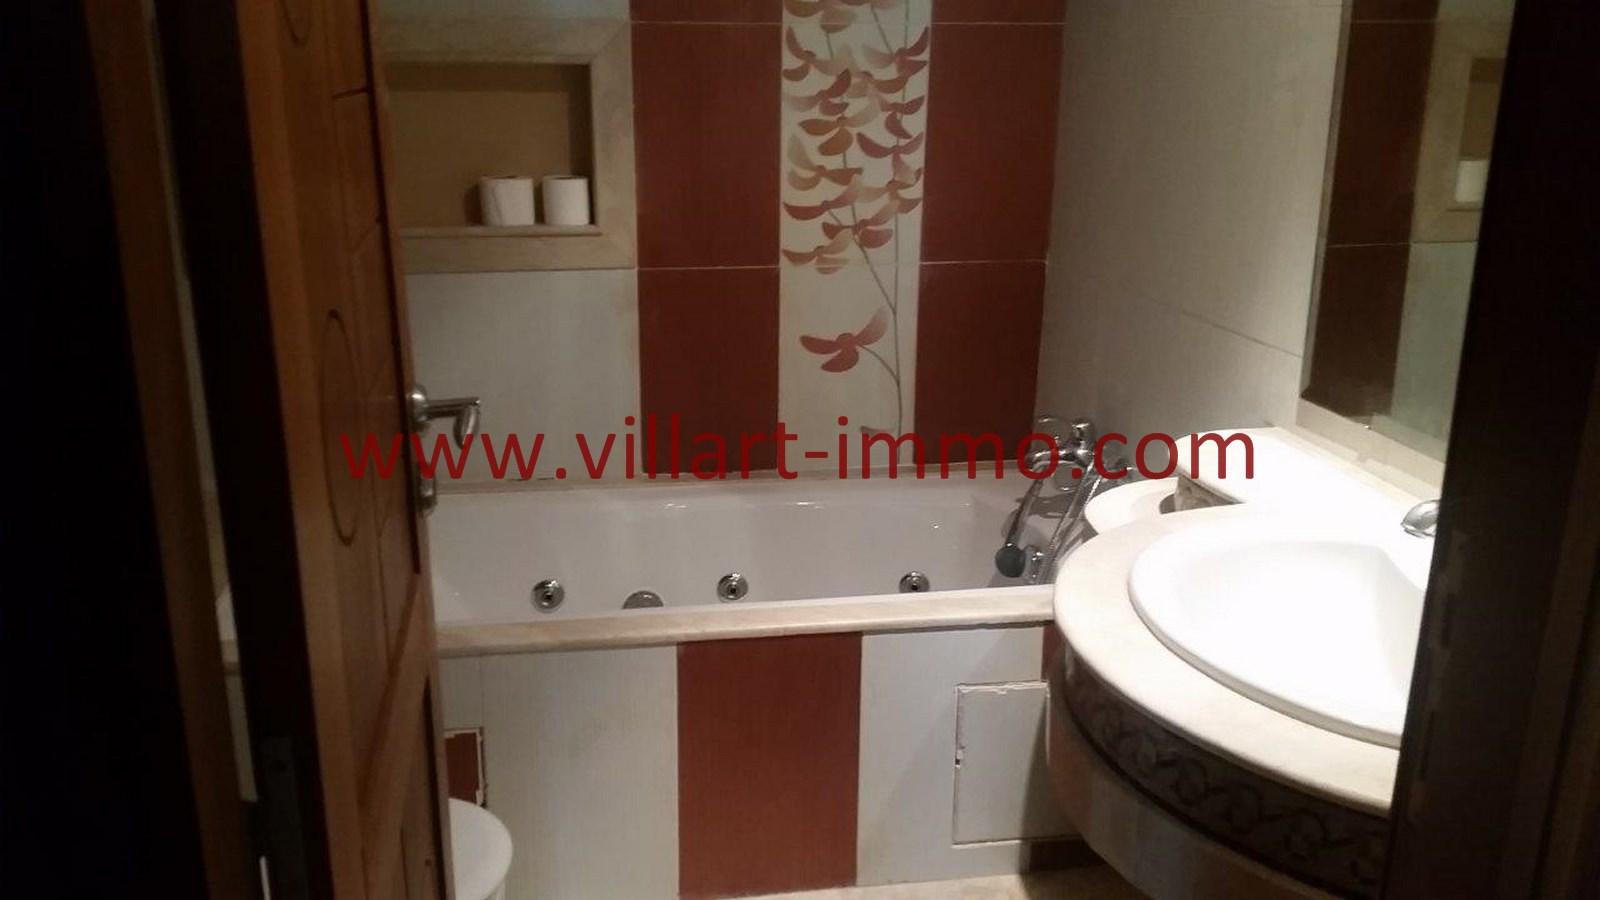 8-a-louer-appartement-meuble-tanger-salle-de-bain-1-l918-villart-immo